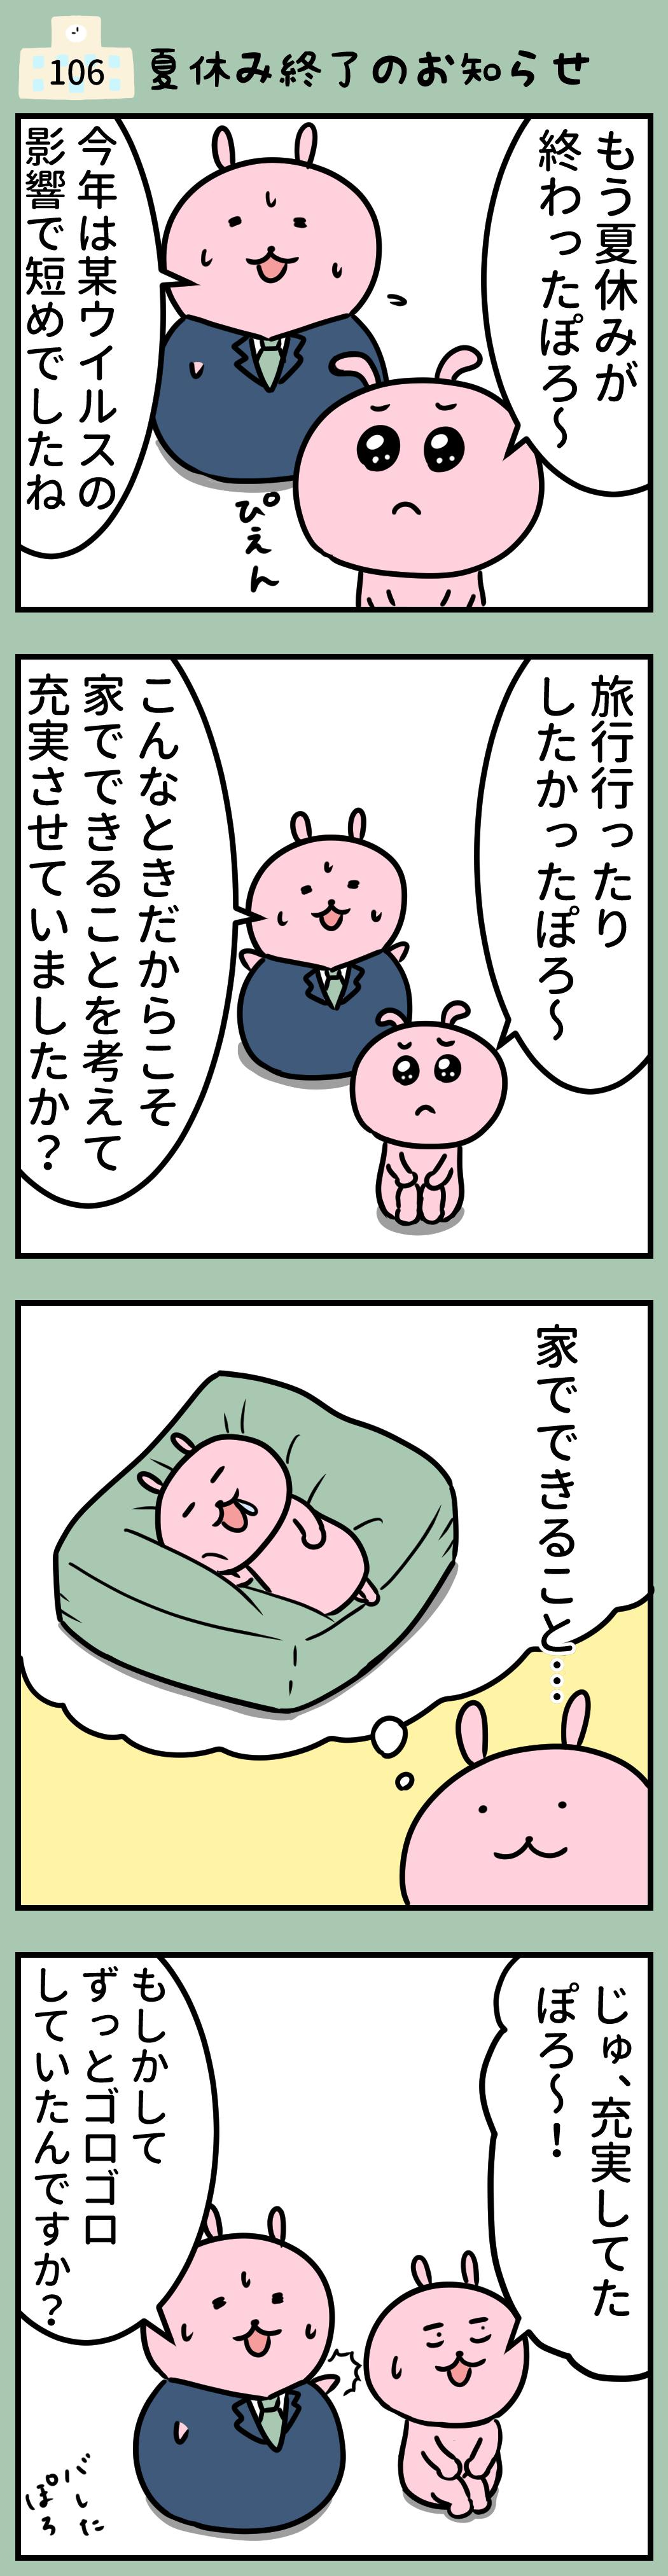 ぴえん イラスト 夏休み終了